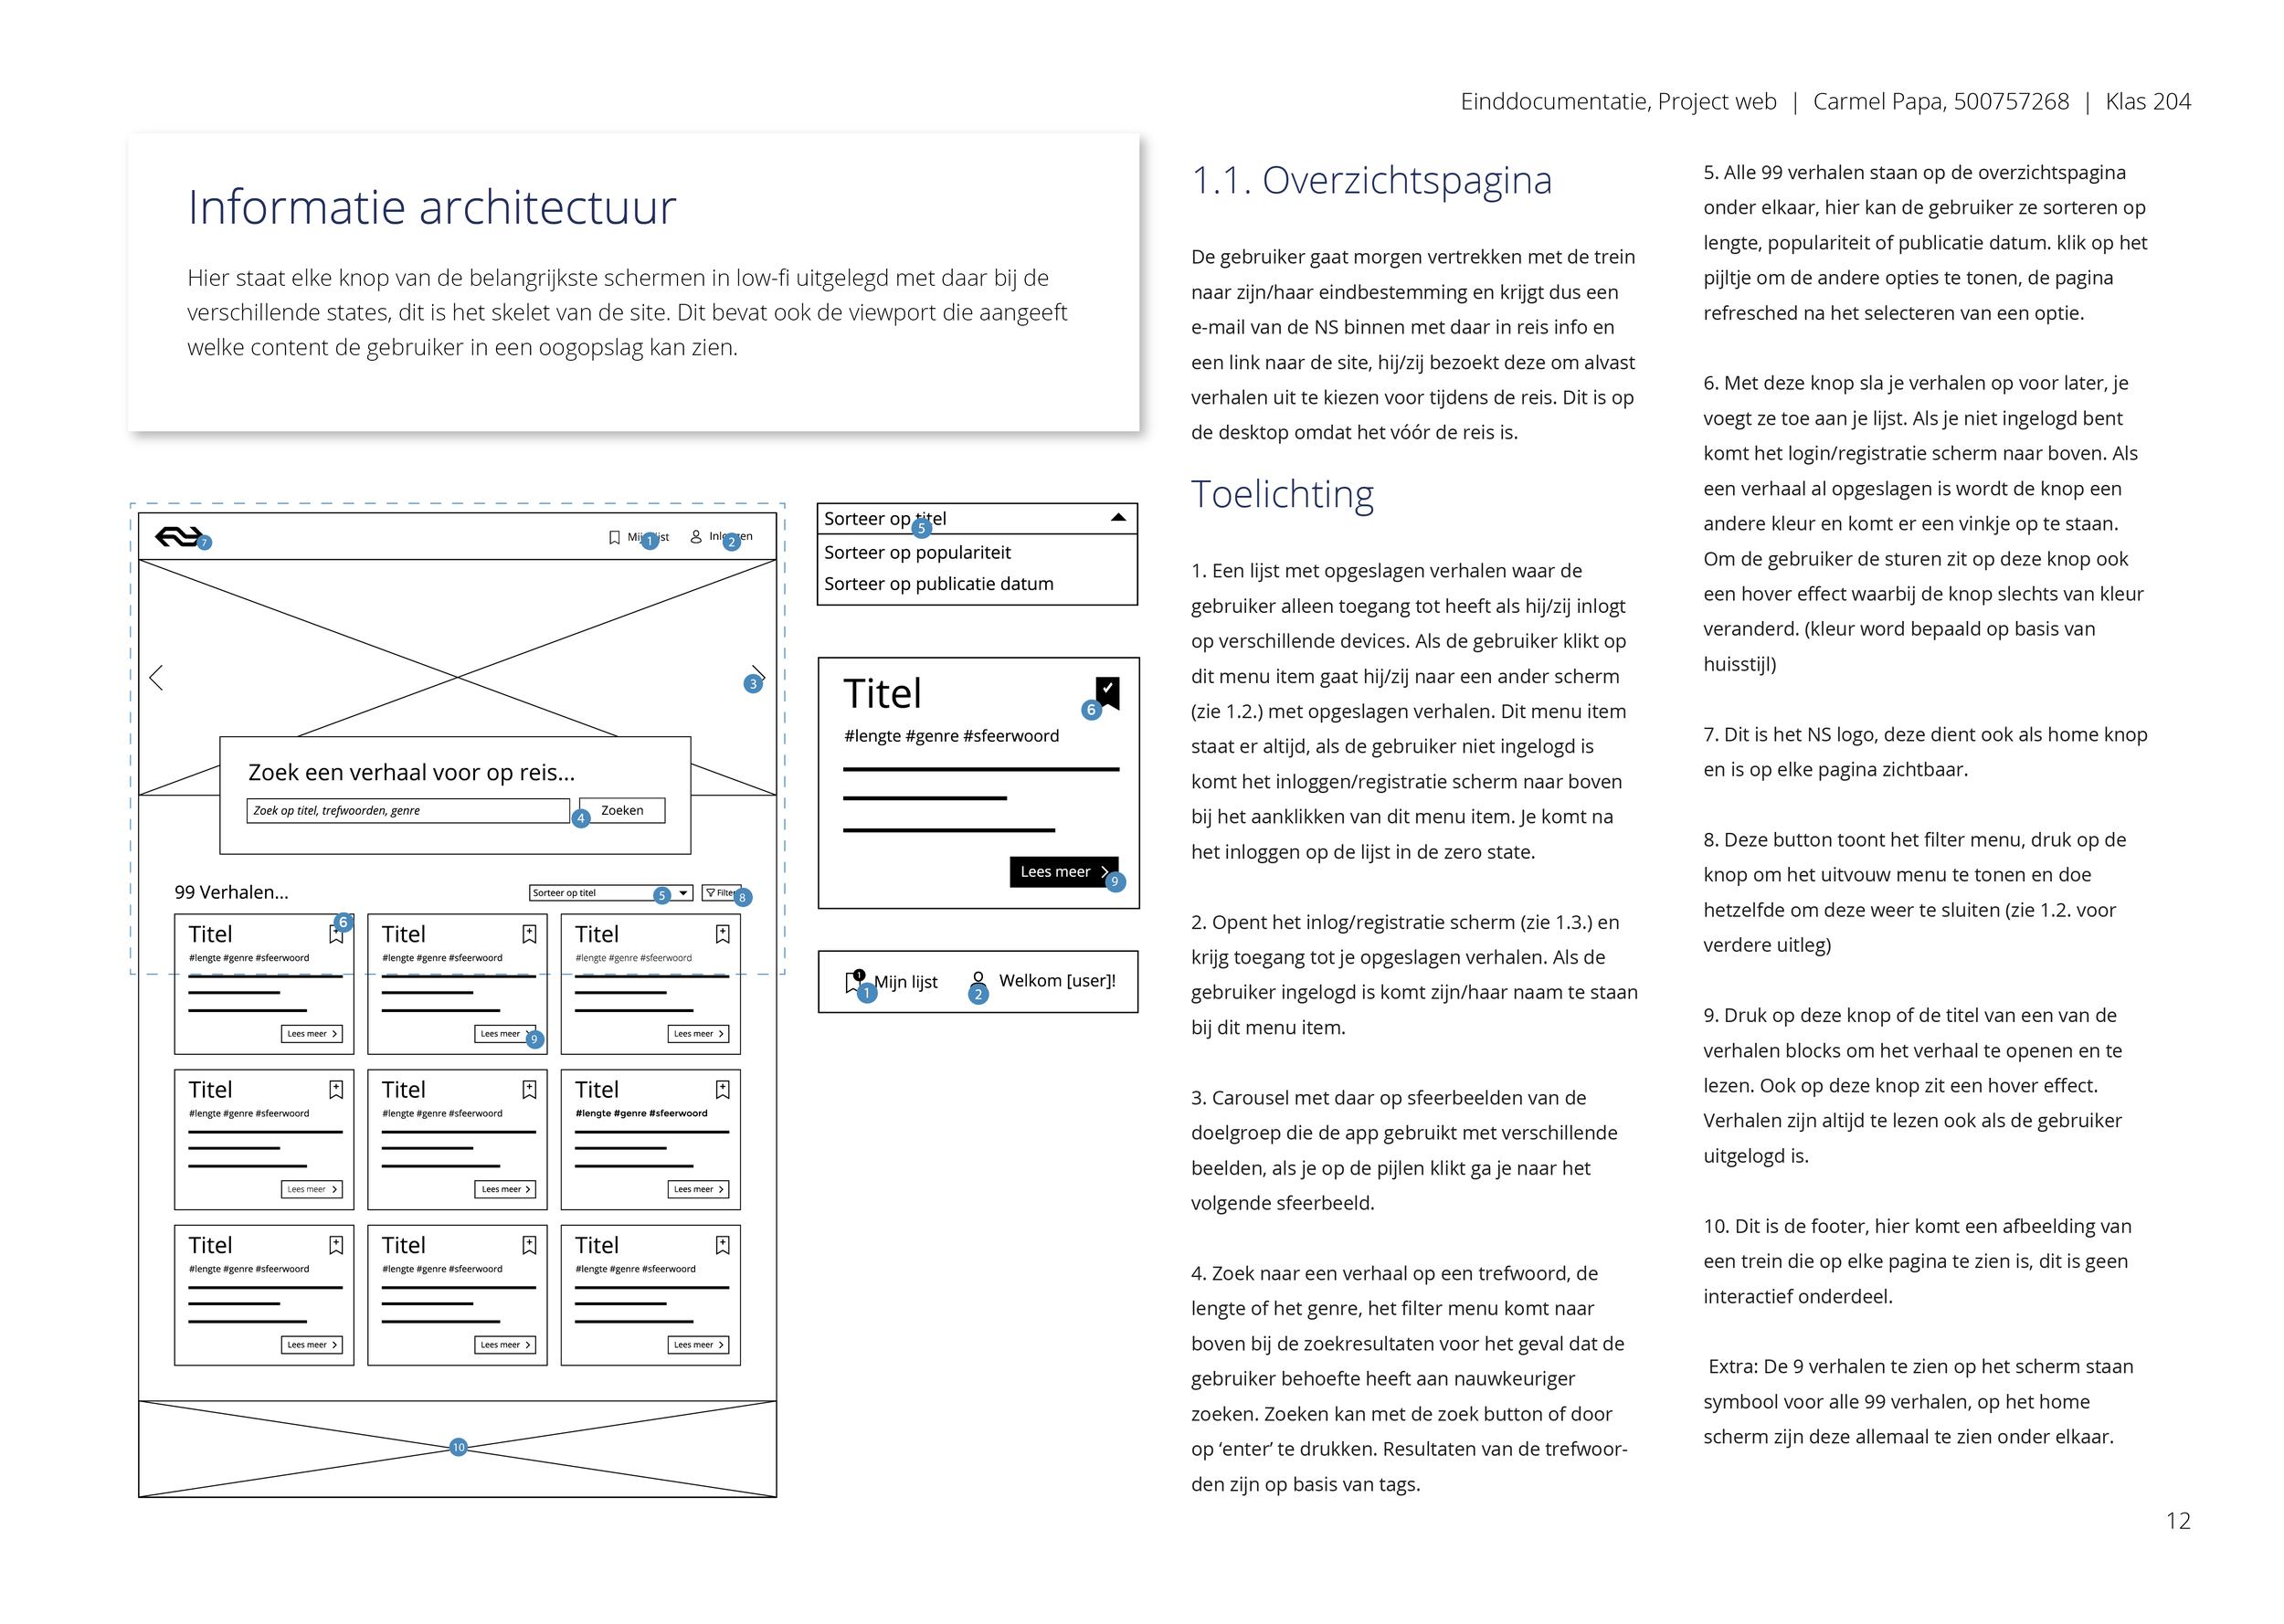 Einddocument_Project Web_Carmel Papa_204_Informatie architechtuur-13.png